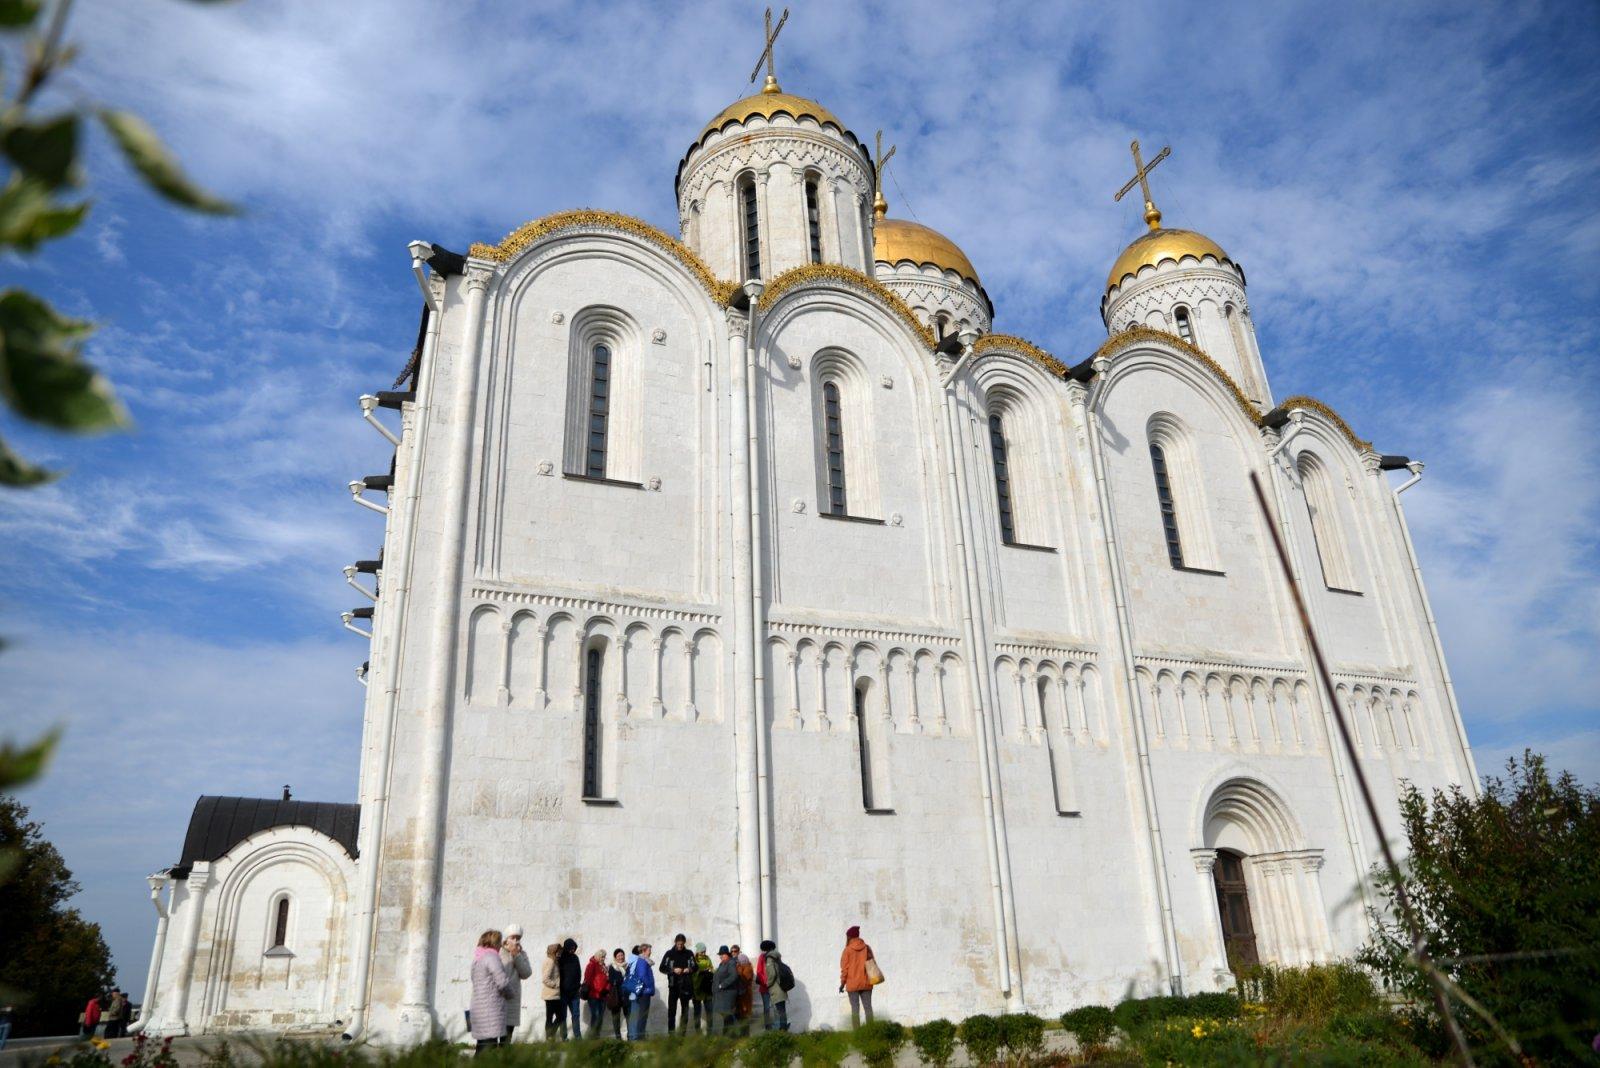 Град Володимерь — колыбель государства Российского